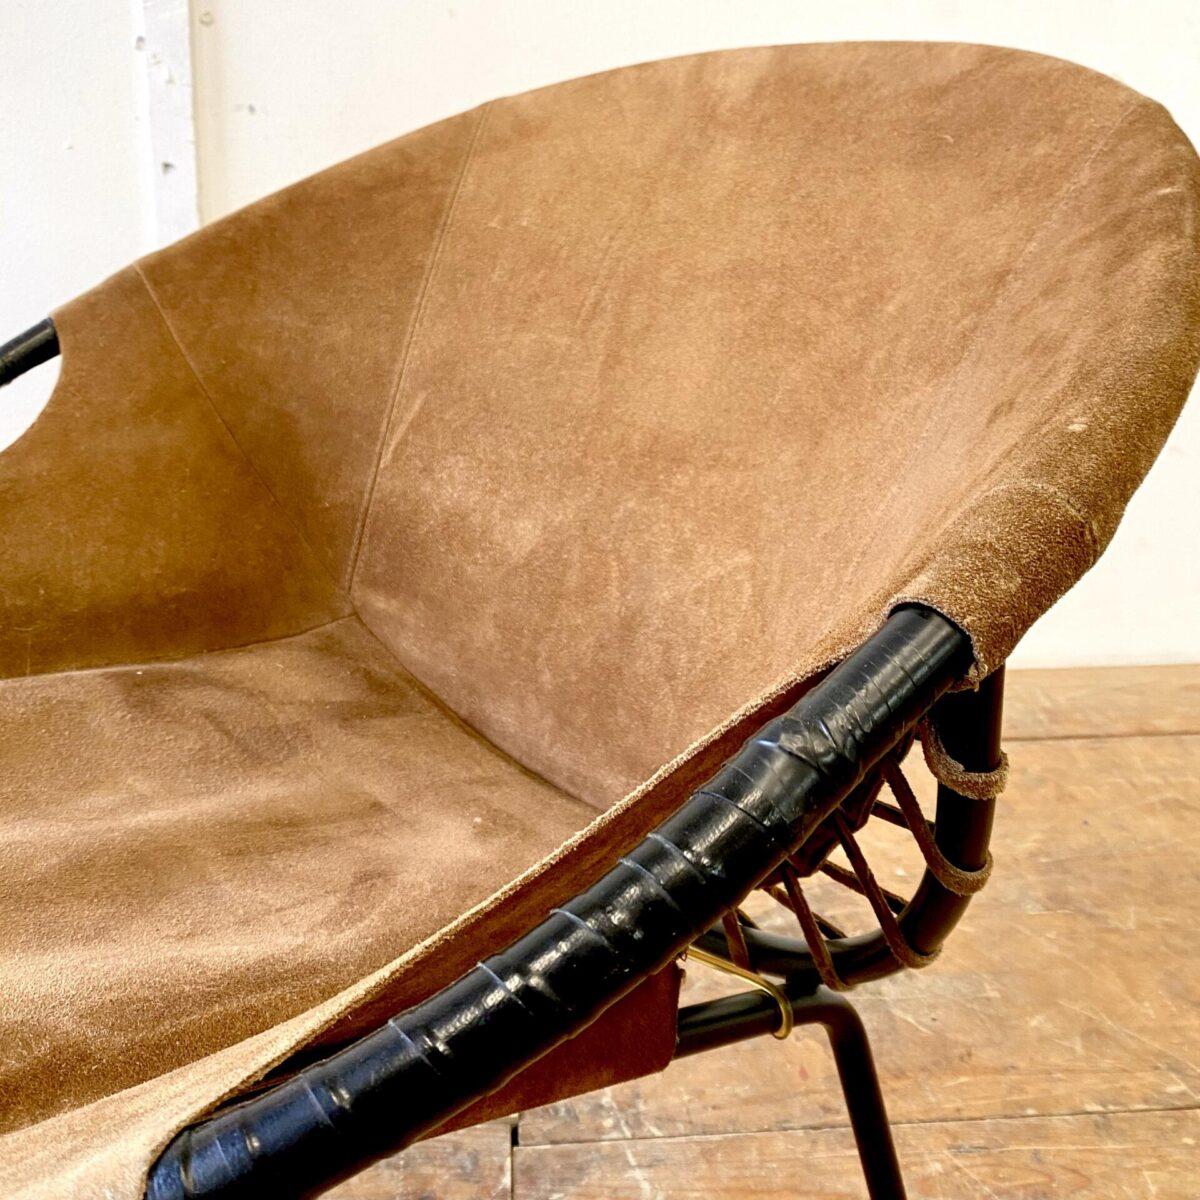 Deuxieme.shop midcentury Easy Chair Ledersessel. Wildleder Sessel von Lusch & Co aus den 60er Jahren. Das Leder instinktiv gutem Zustand, leichte Alterspatina. Die Armlehnen müssten mal neu gewickelt werden.